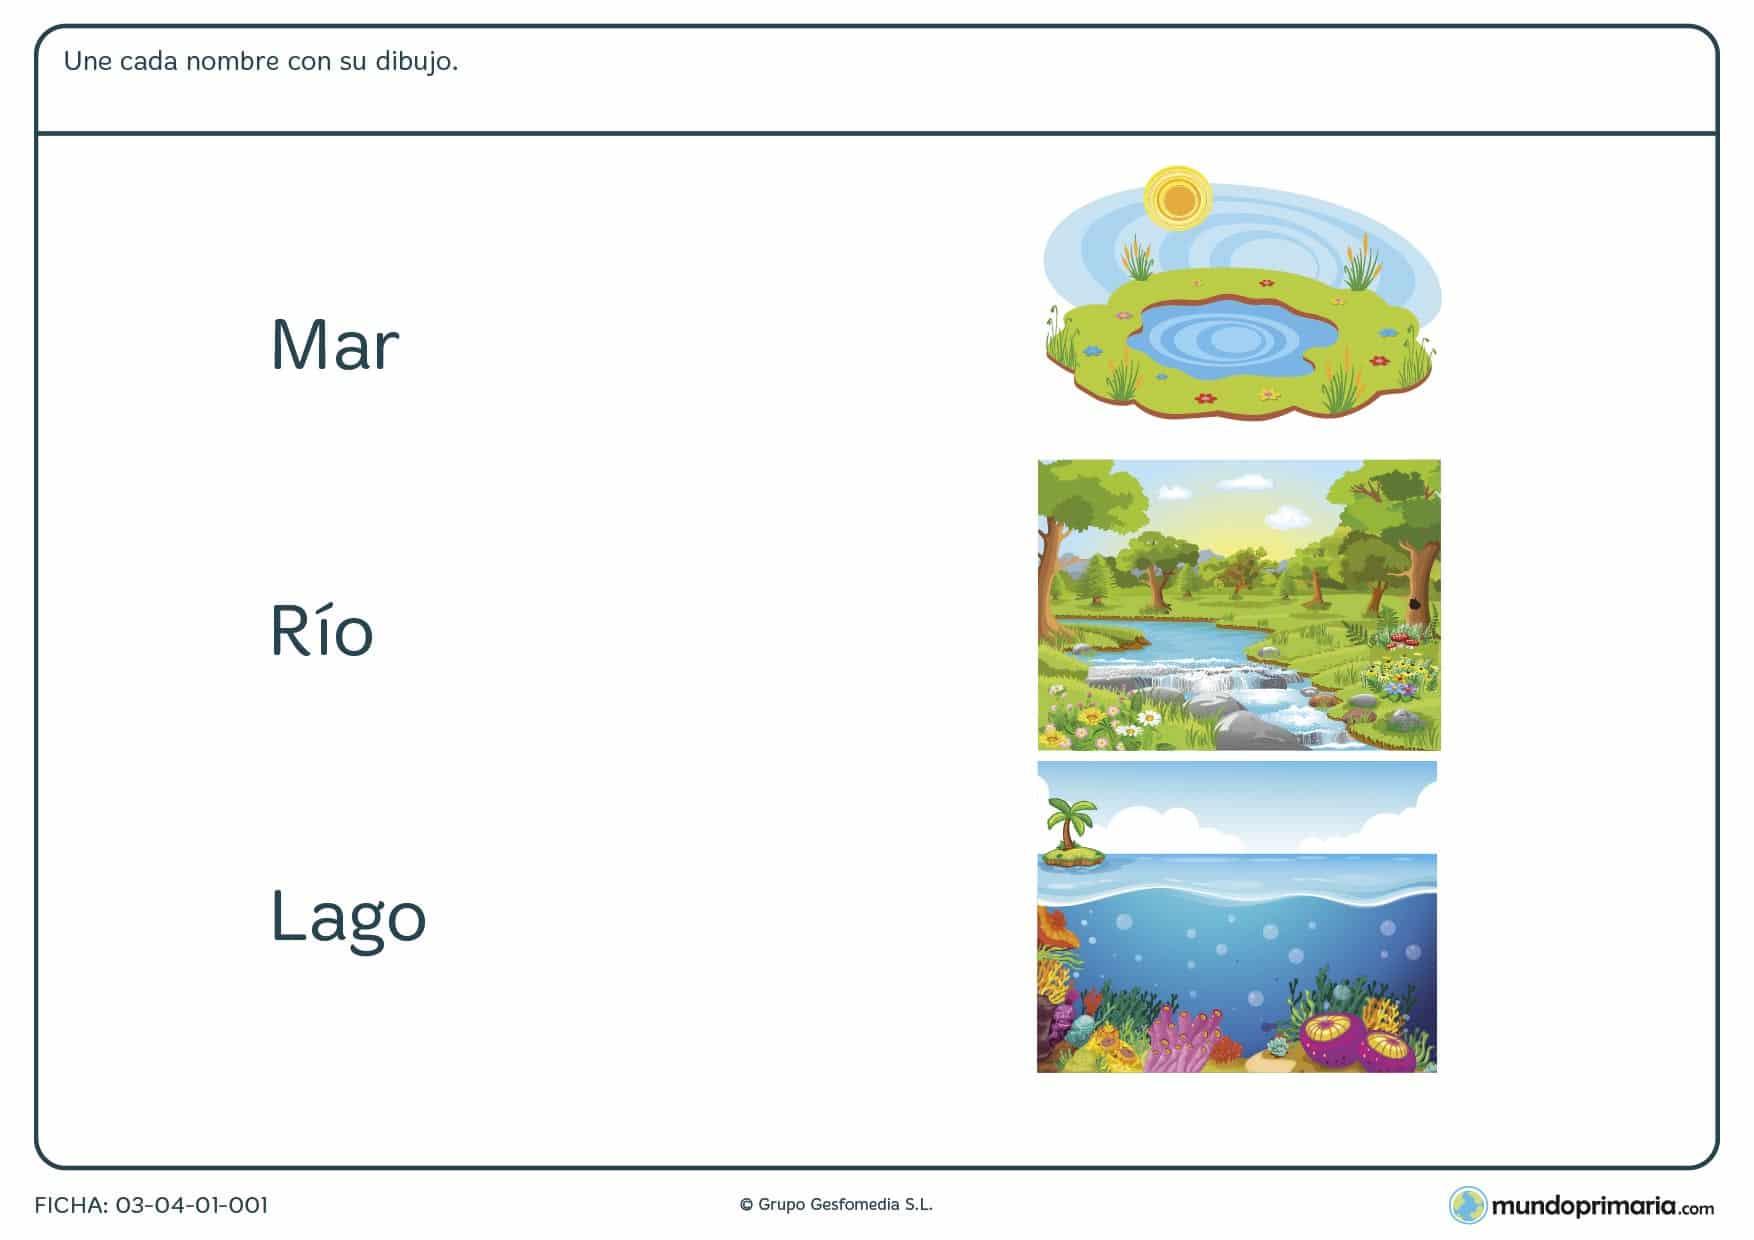 Ficha de la materia prima con ejercicios para niños sobre la materia prima